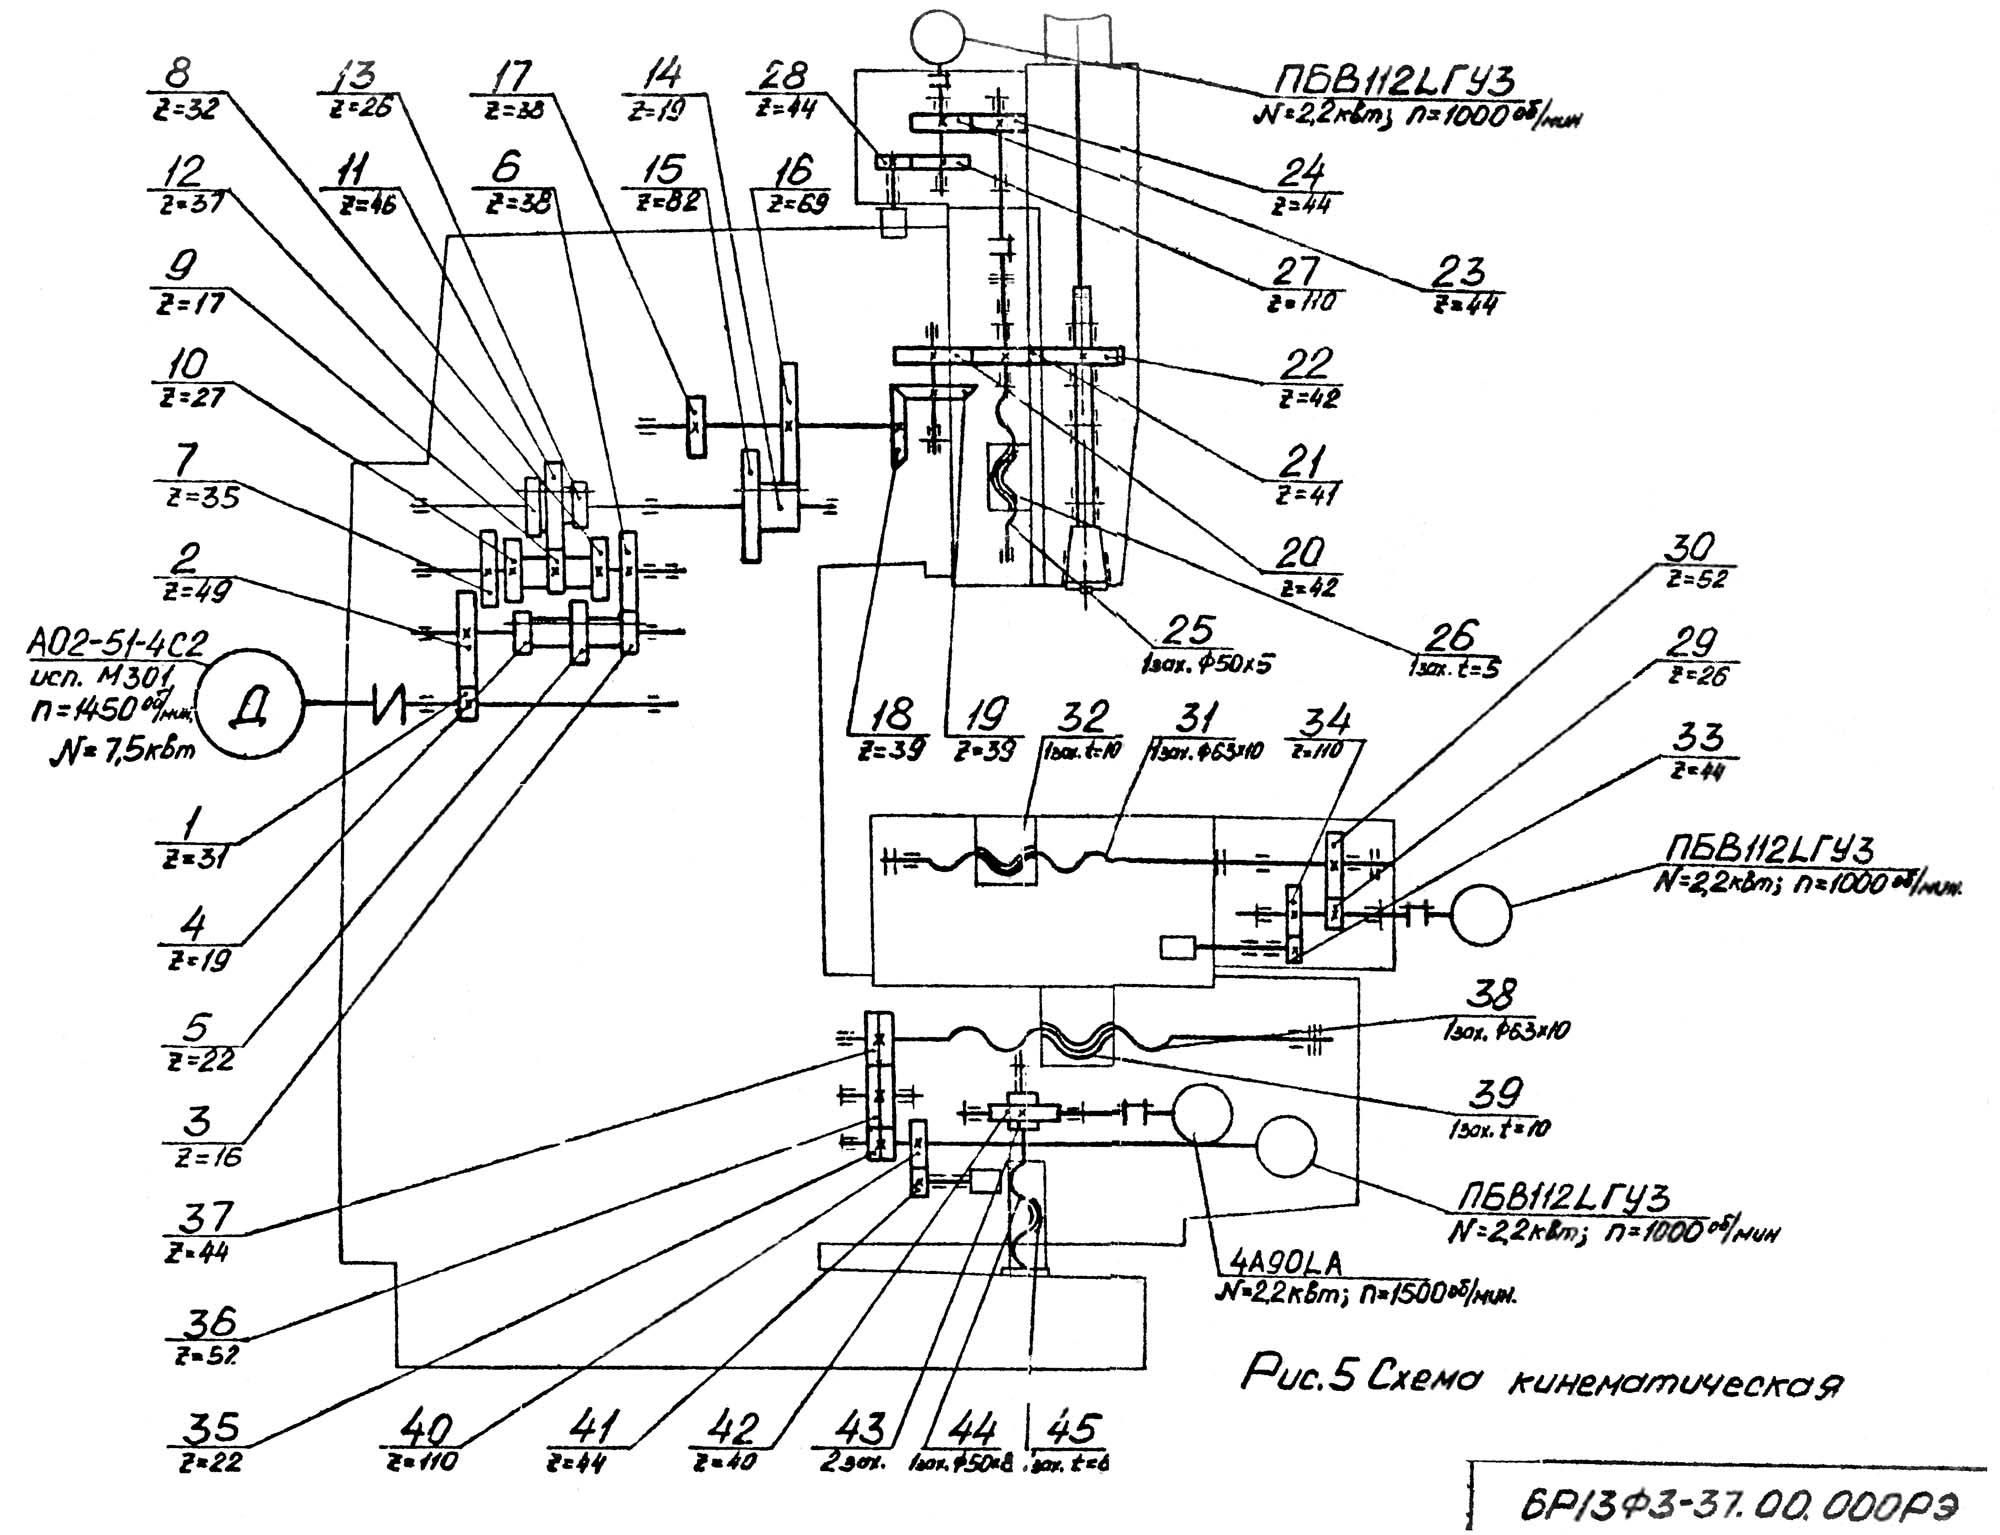 станок 6р12 кинематическая схема главного движения